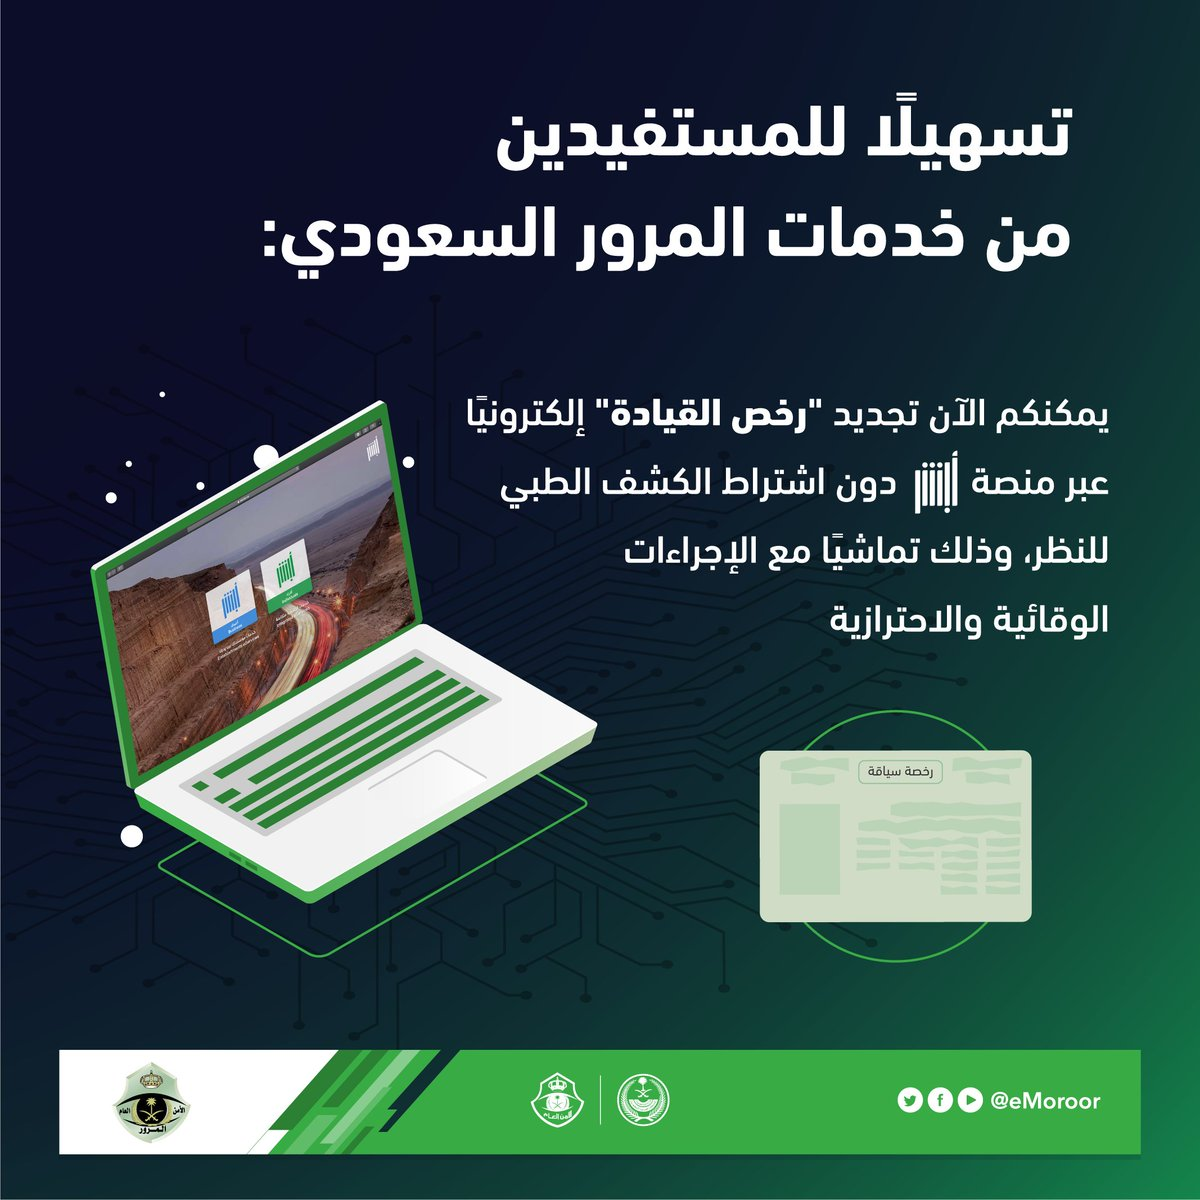 المرور السعودي On Twitter المرور السعودي يعلن عن إمكانية تجديد